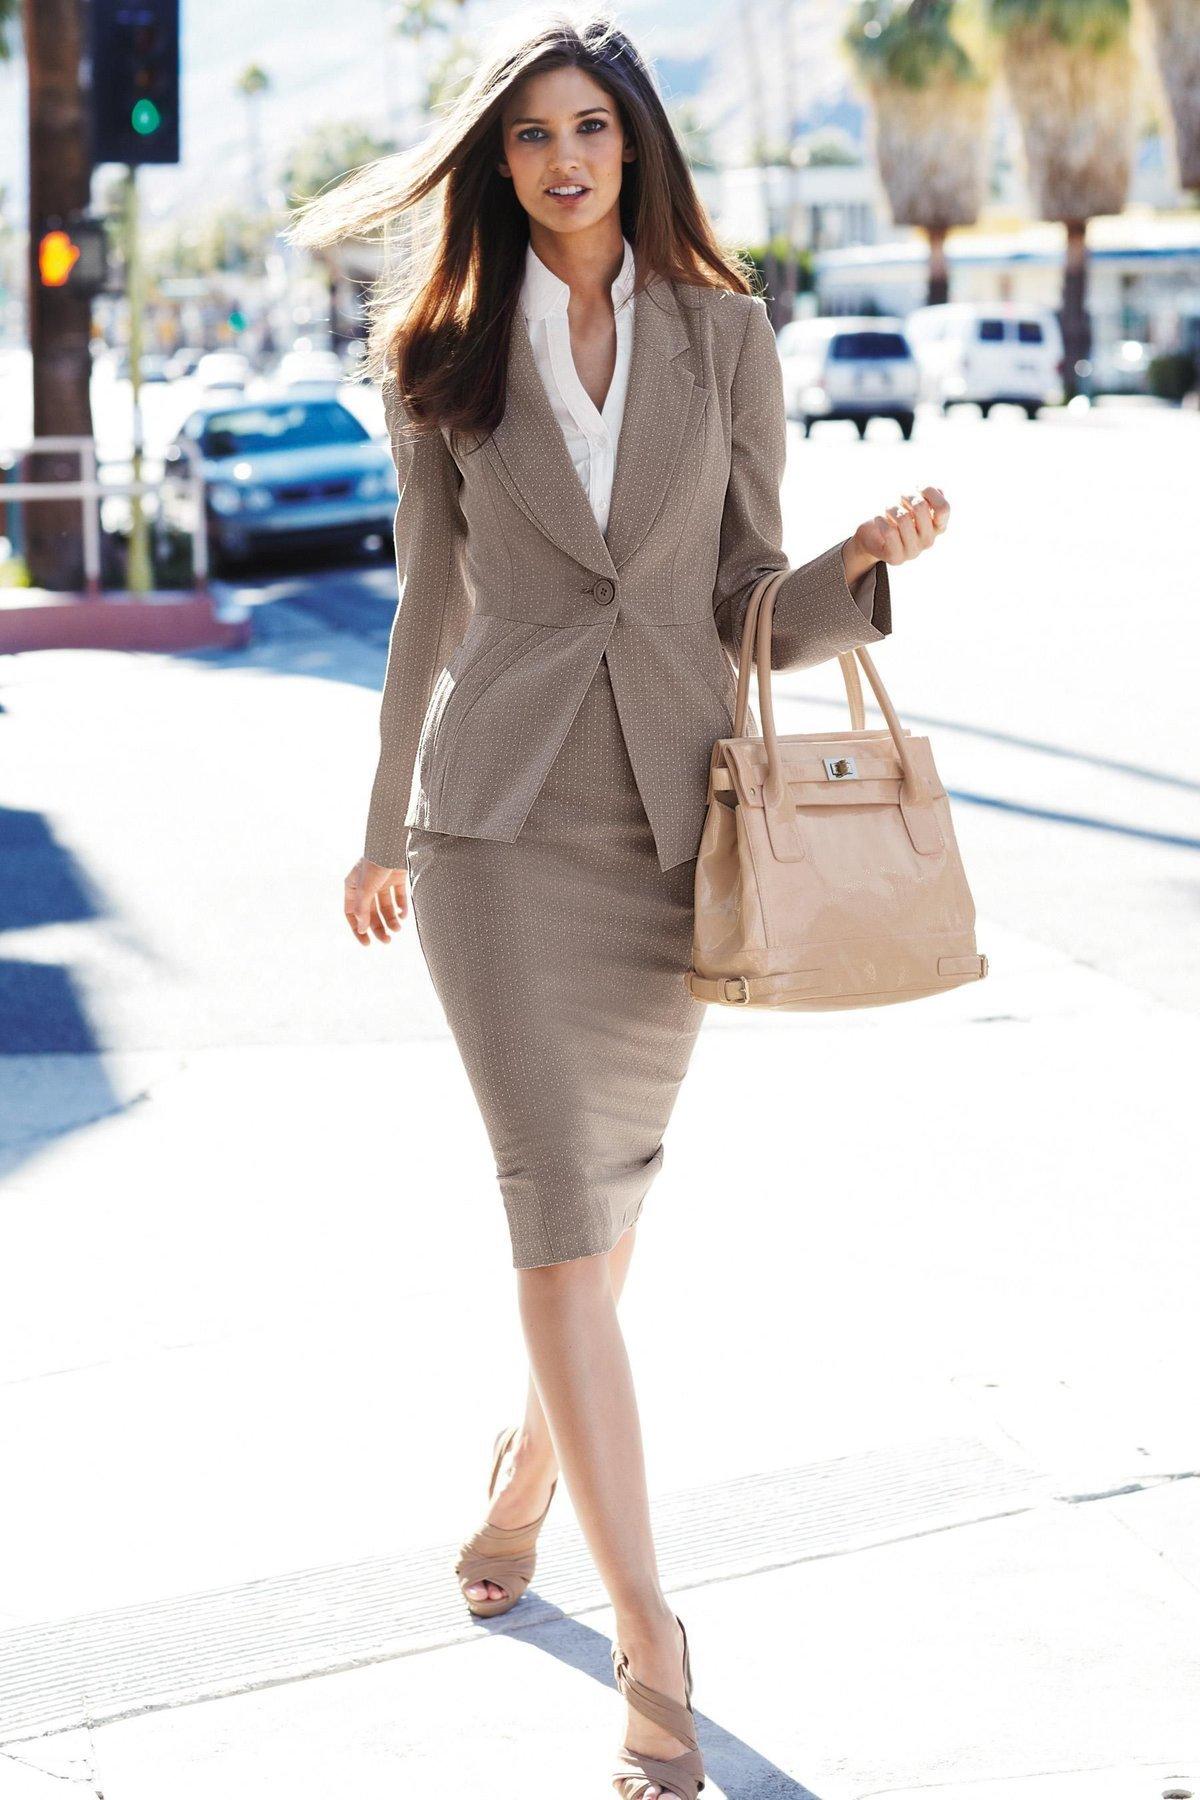 Женский стиль одежды картинки